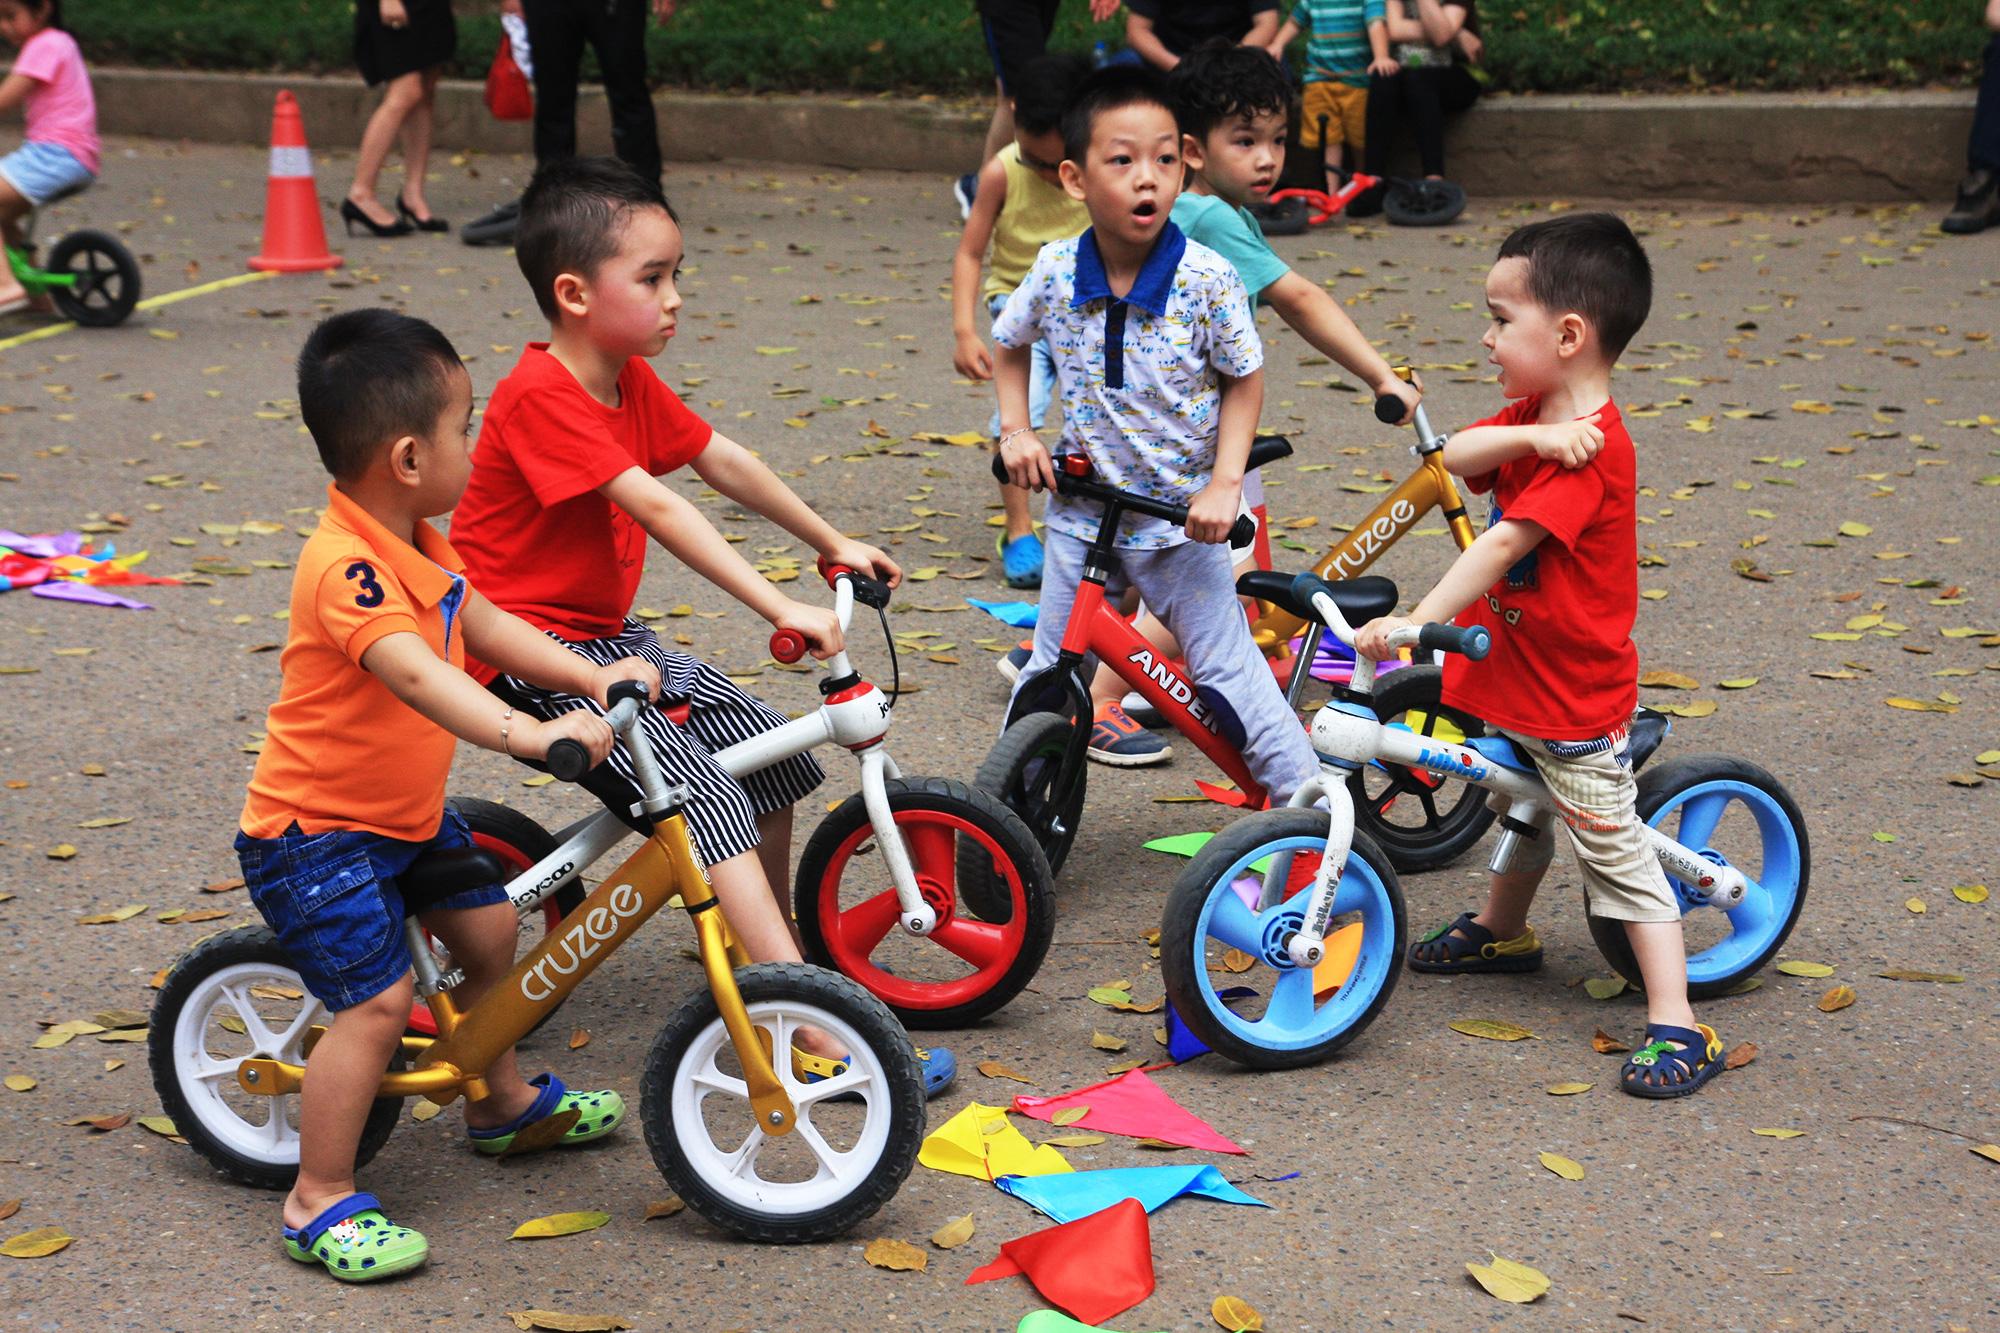 Hà Nội lần đầu tiên có giải đua xe thăng bằng cho trẻ em 2